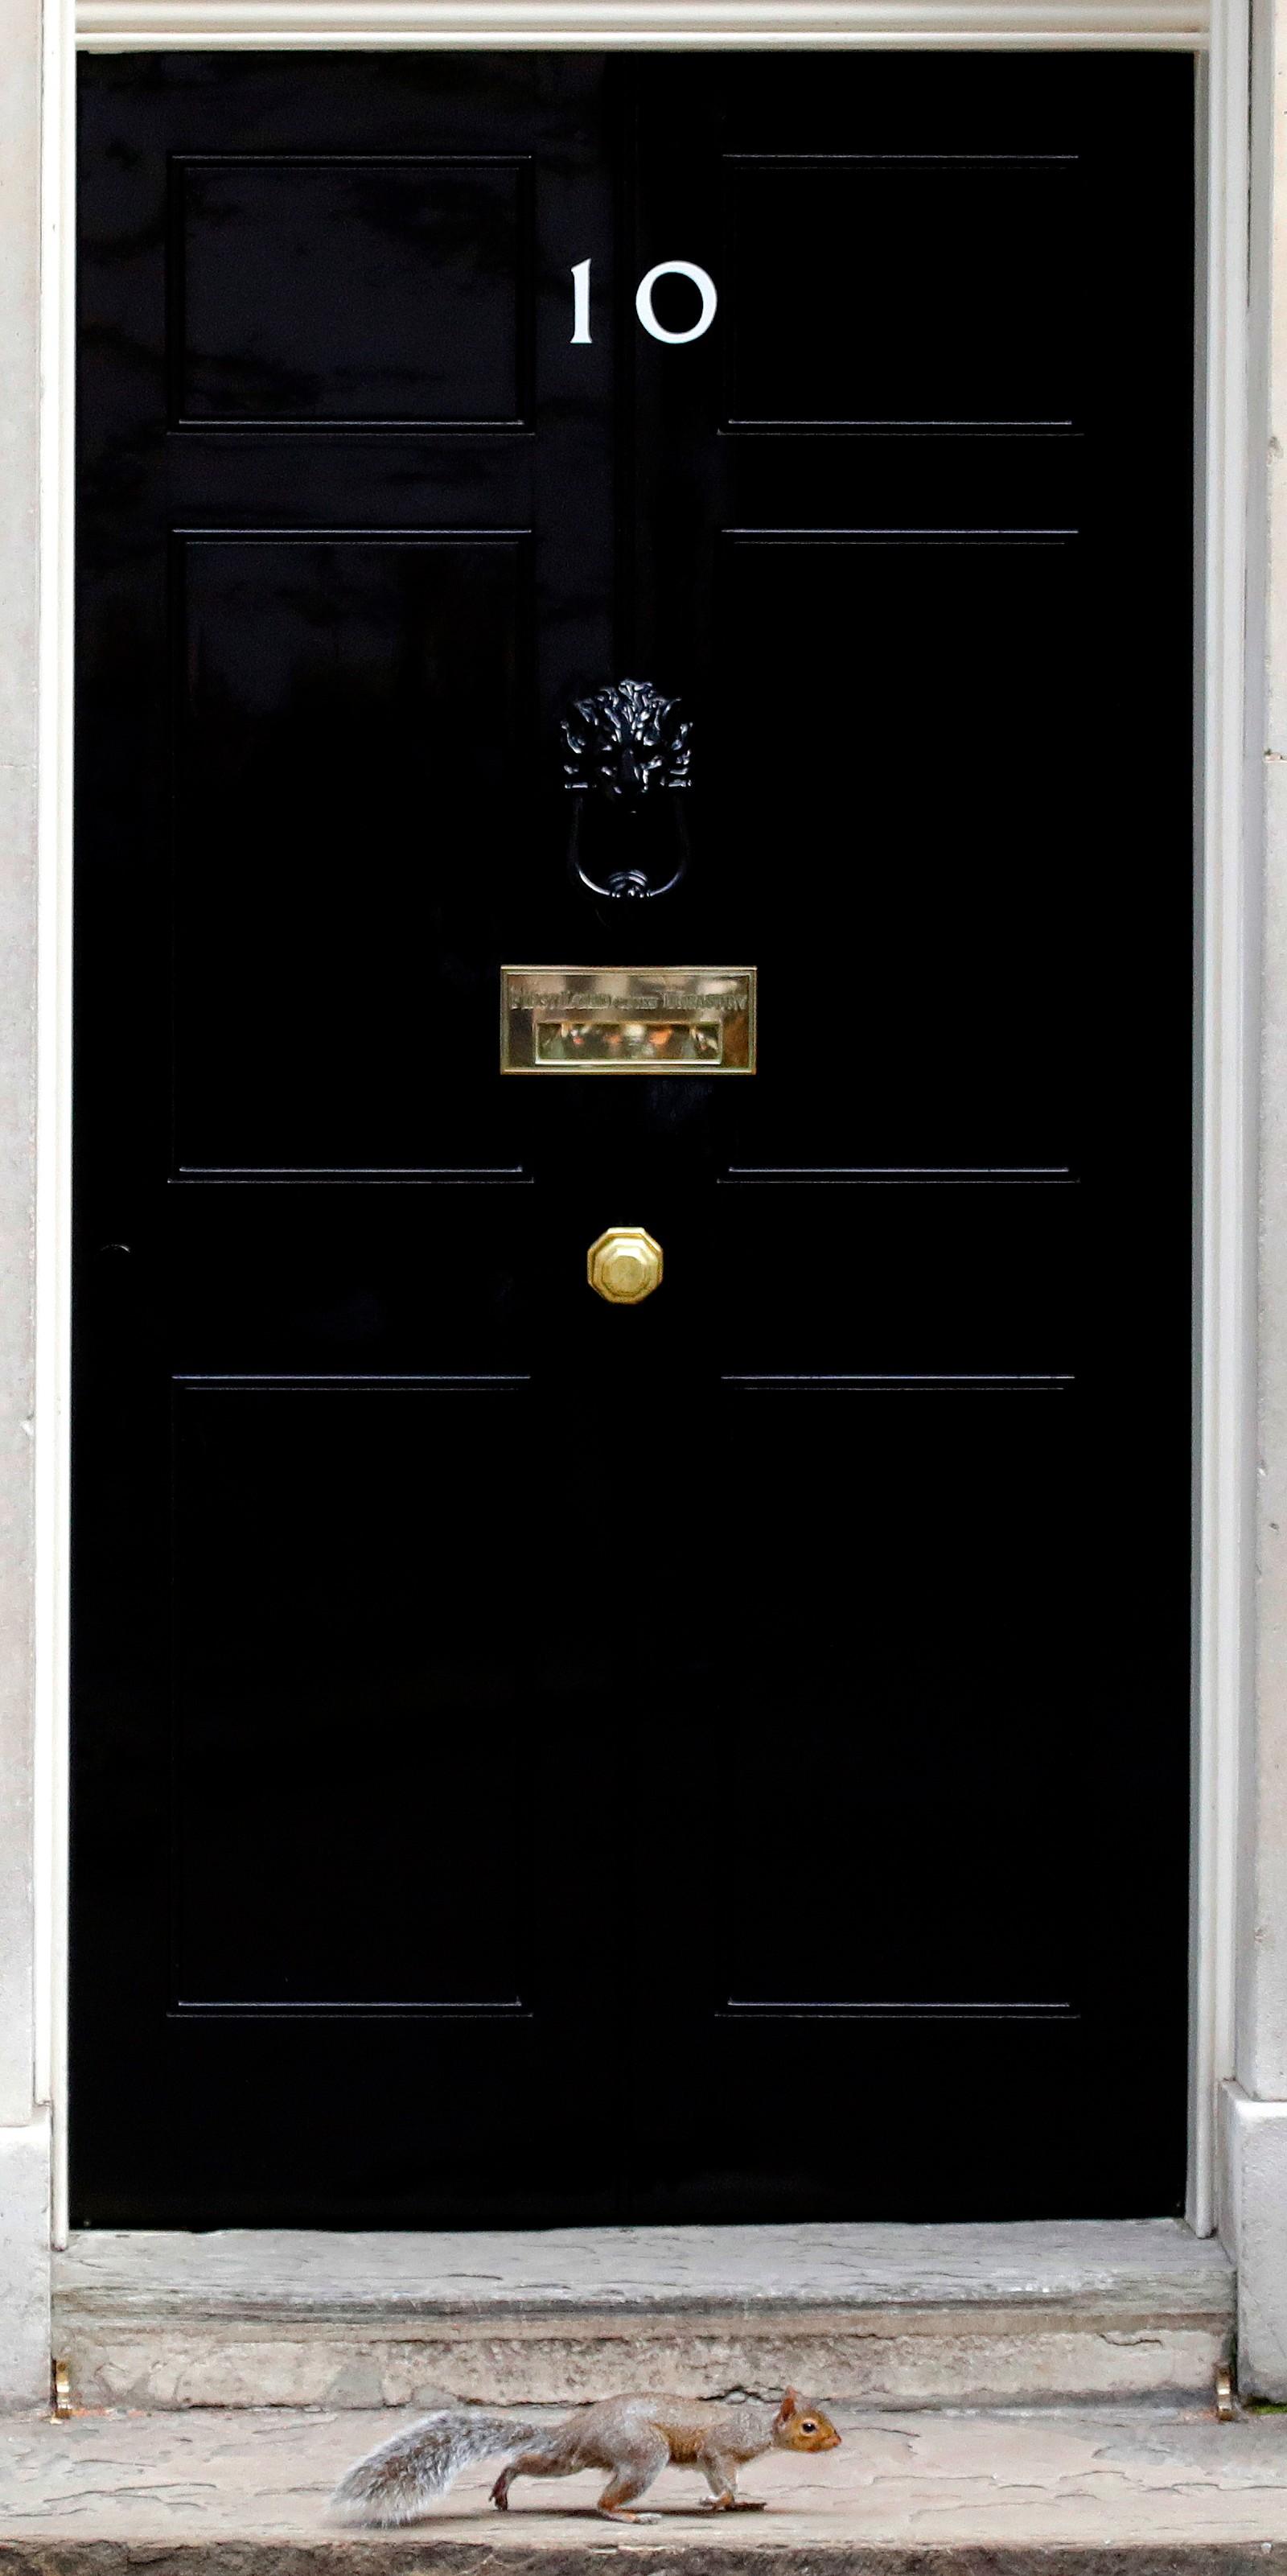 Et ekorn går forbi statsministerens dør i London.